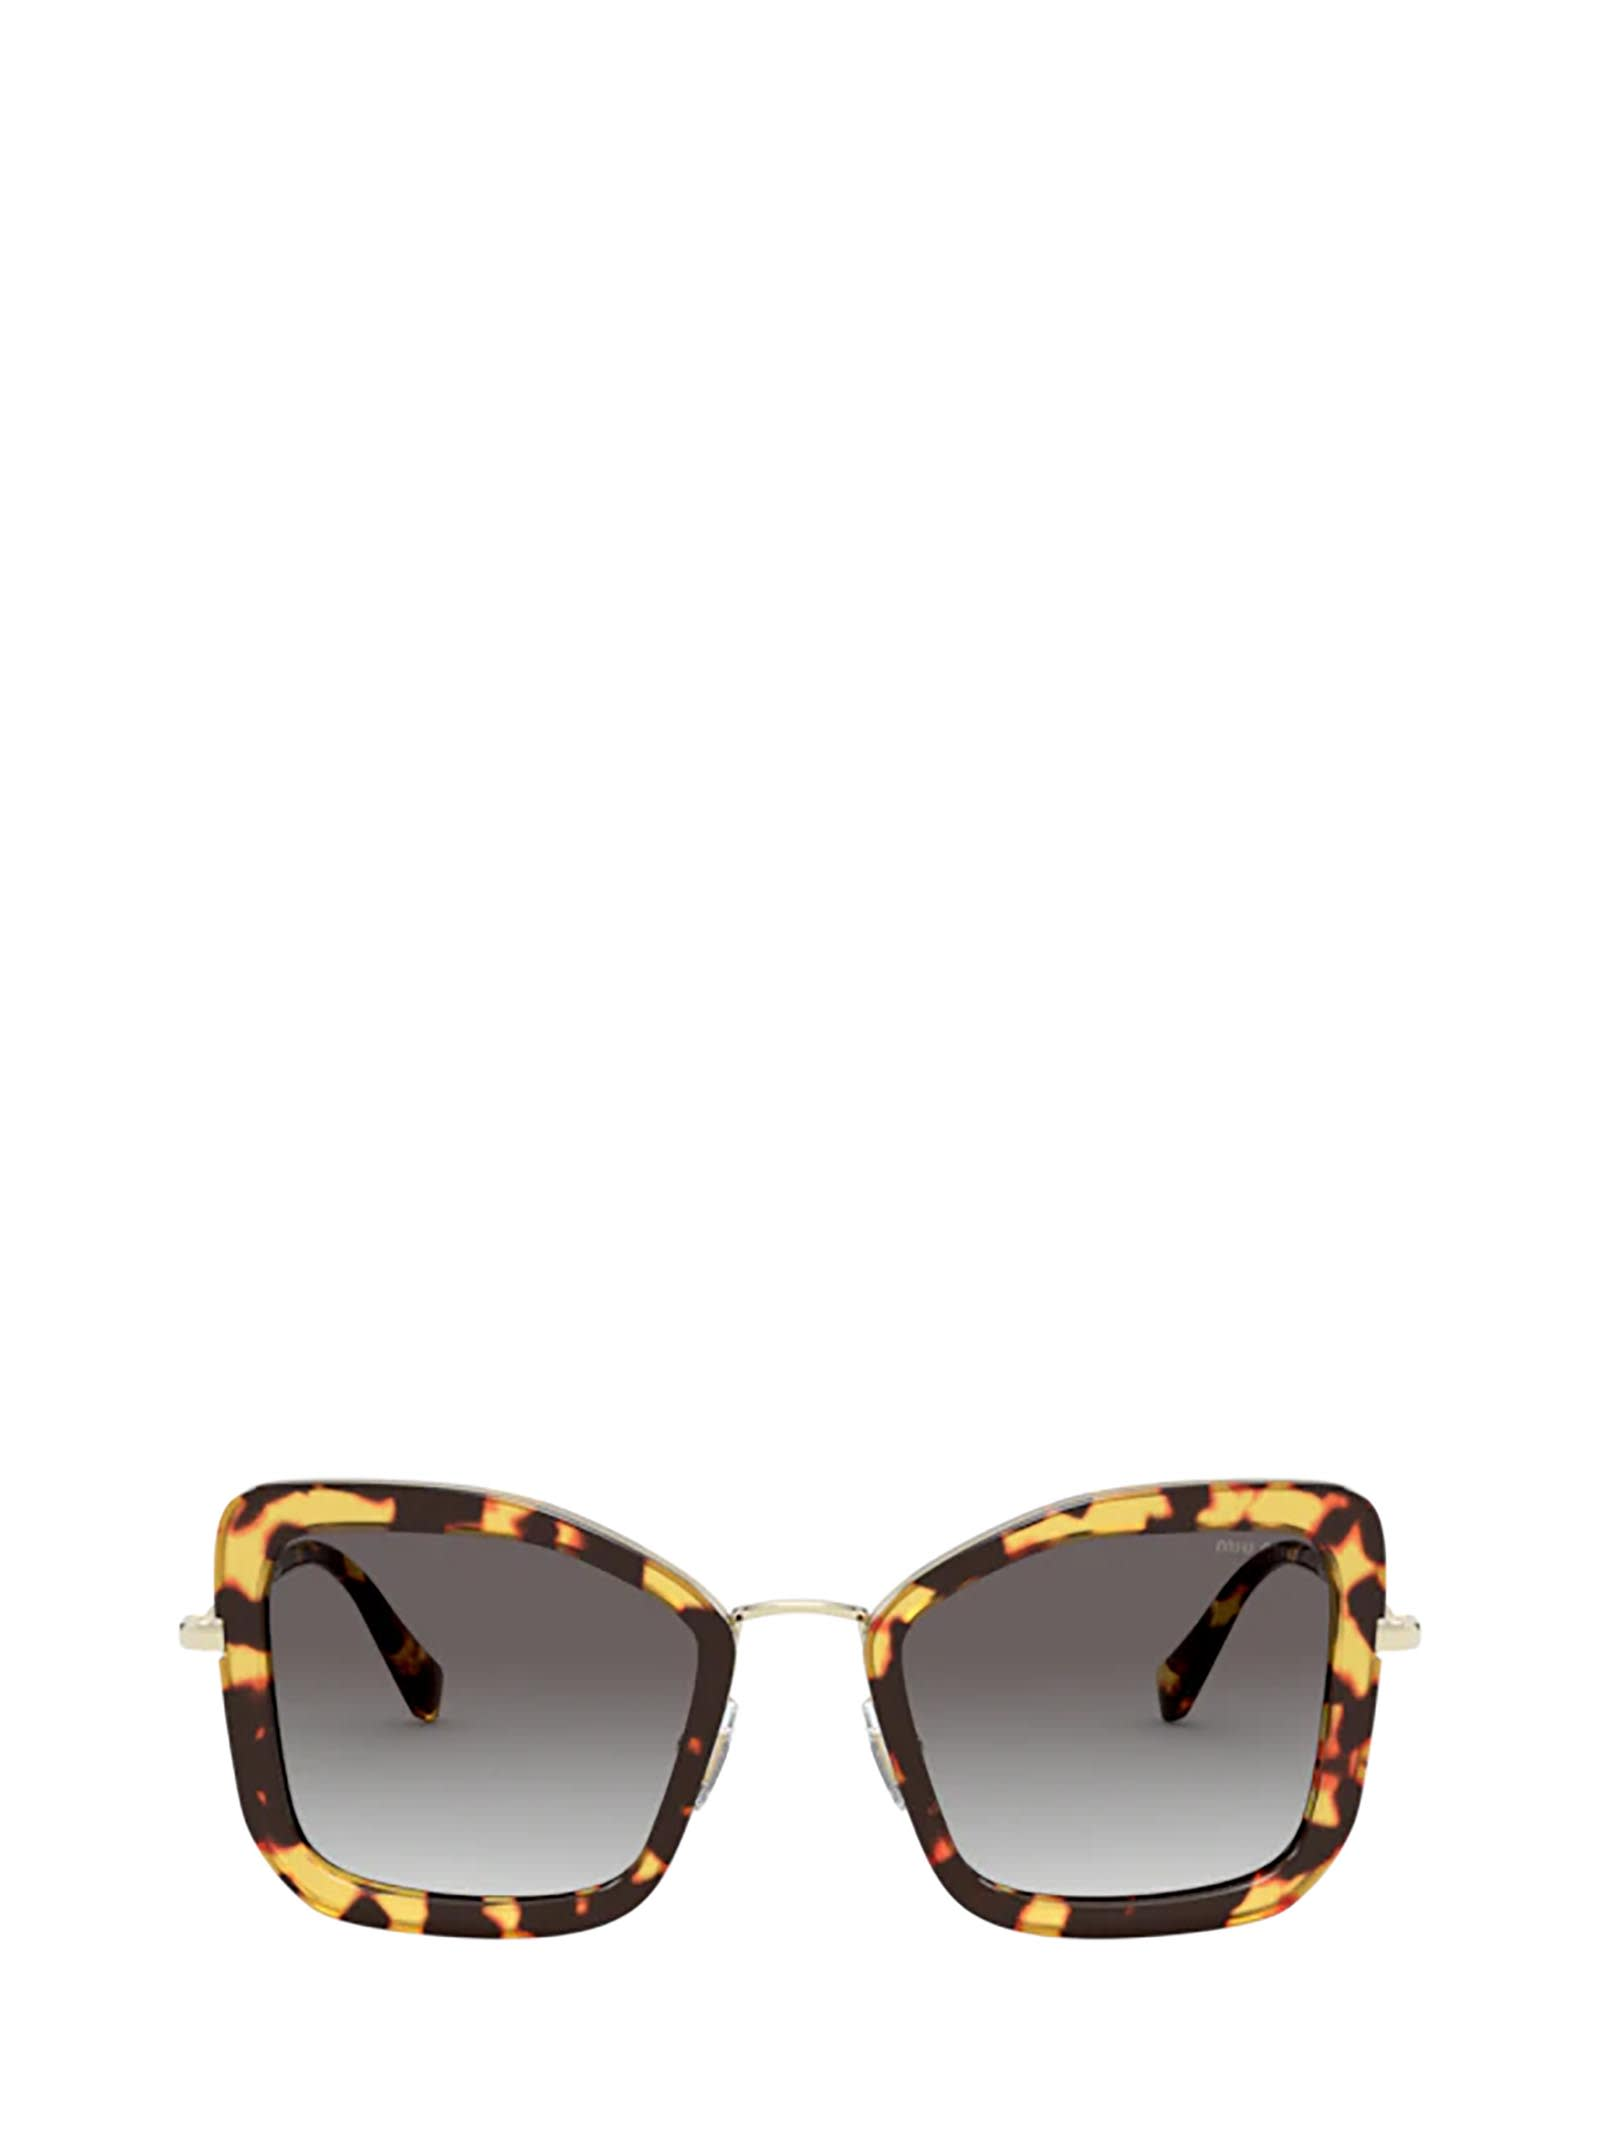 Miu Miu Miu Miu Mu 55vs 7s00a7 Sunglasses